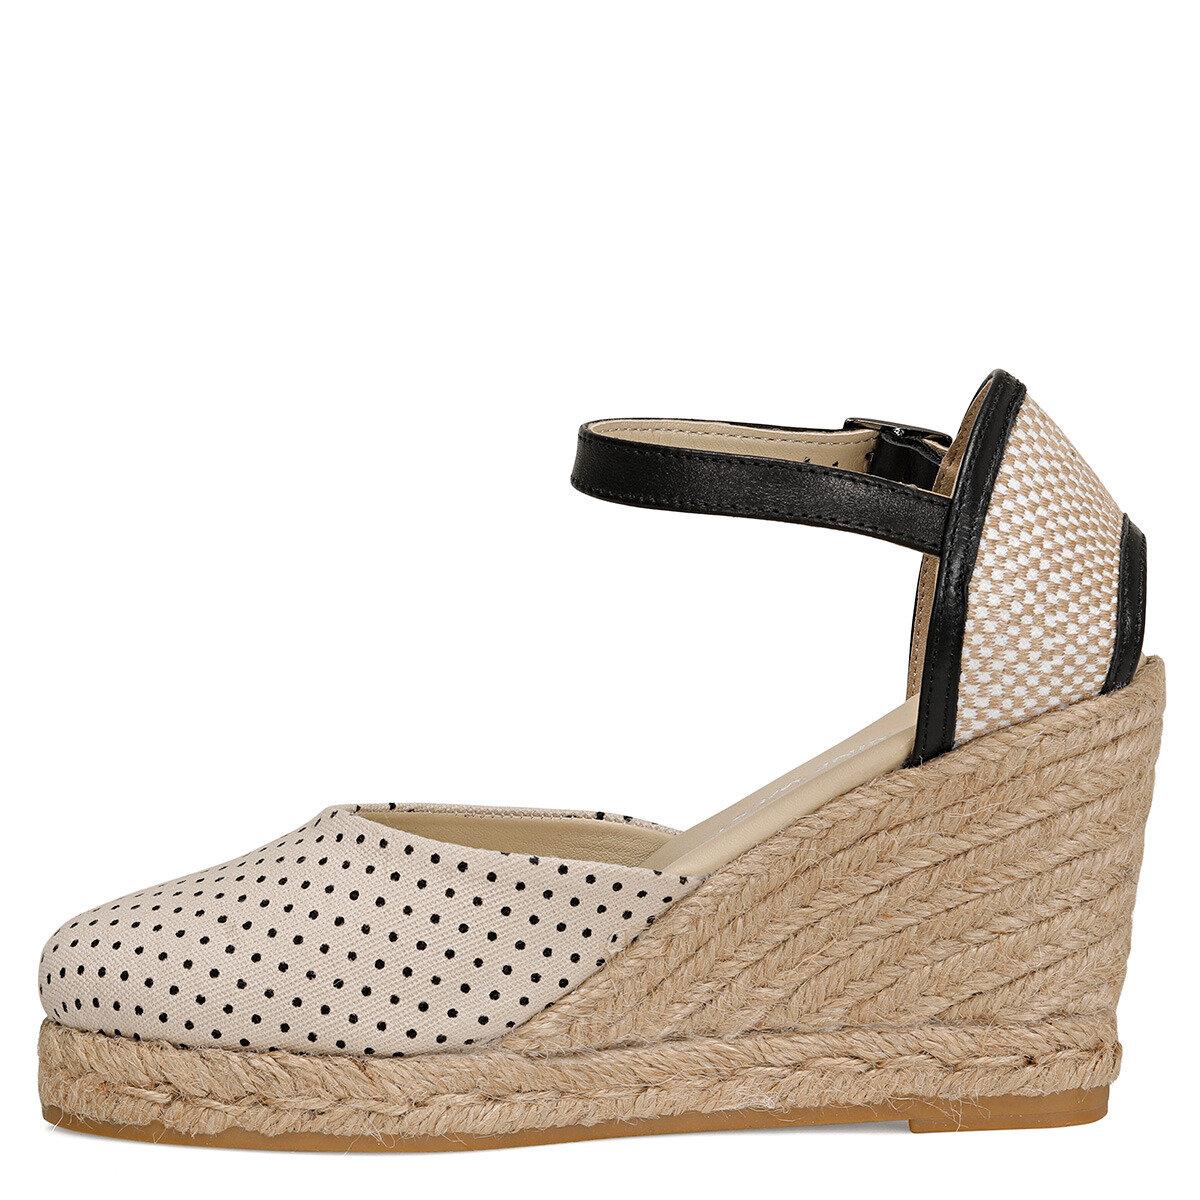 KAHLO Bej Kadın Topuklu Ayakkabı